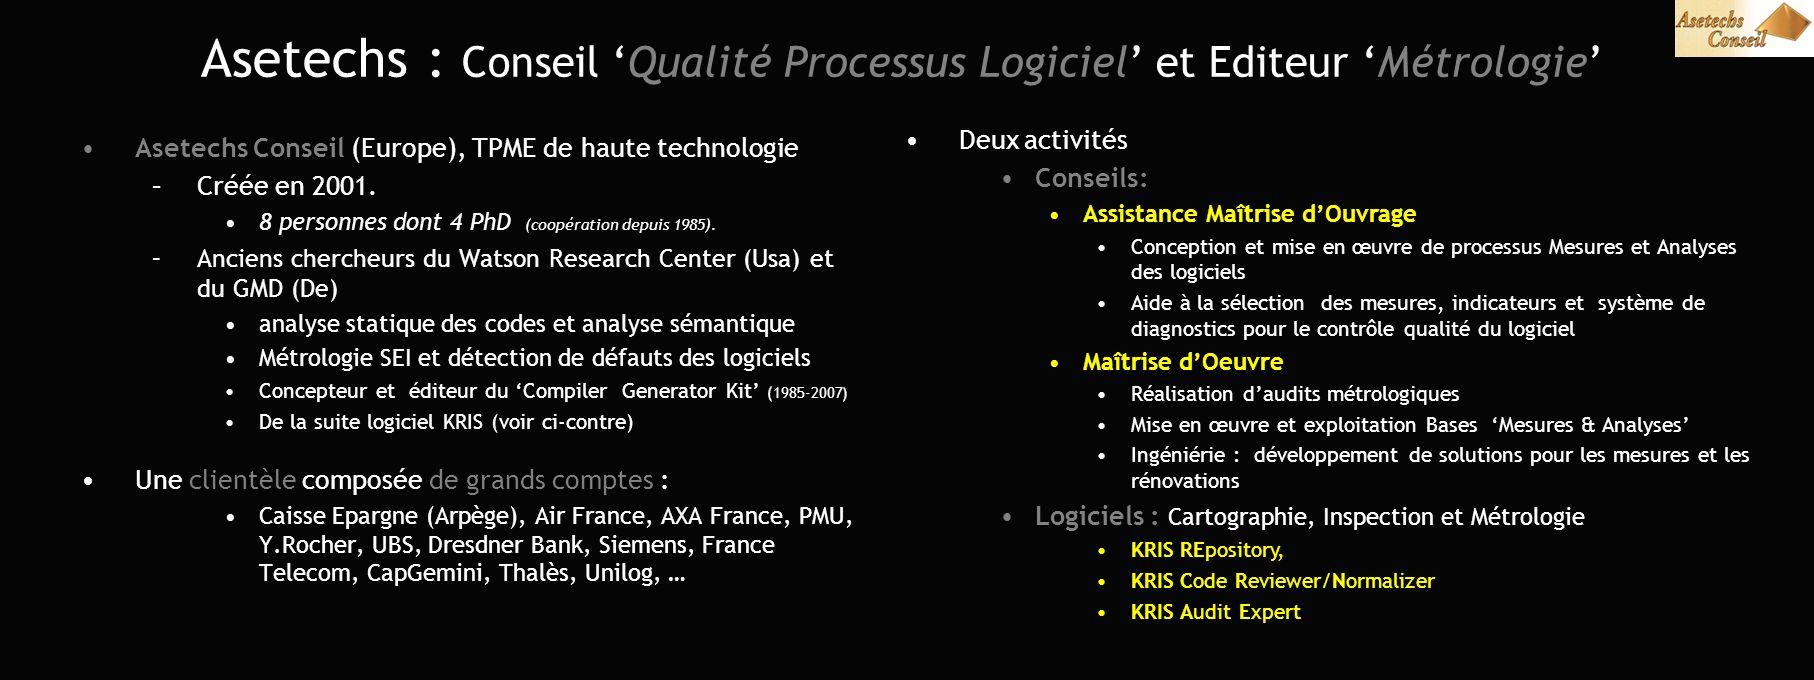 Asetechs : Conseil Qualité Processus Logiciel et Editeur Métrologie Asetechs Conseil (Europe), TPME de haute technologie –Créée en 2001. 8 personnes d